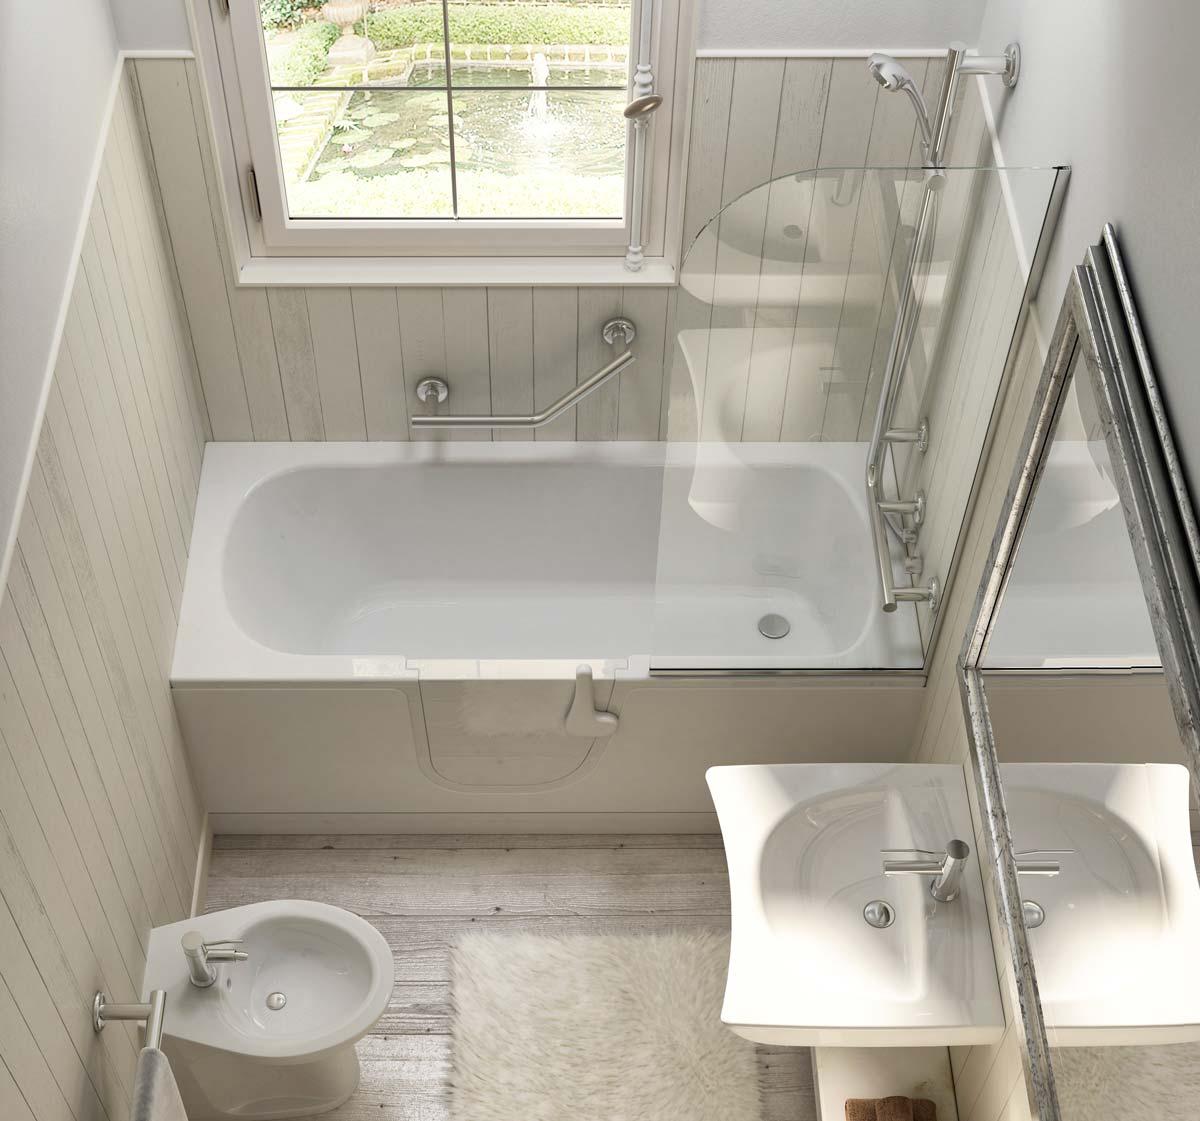 Bathtubs with door for the elderly  Goman